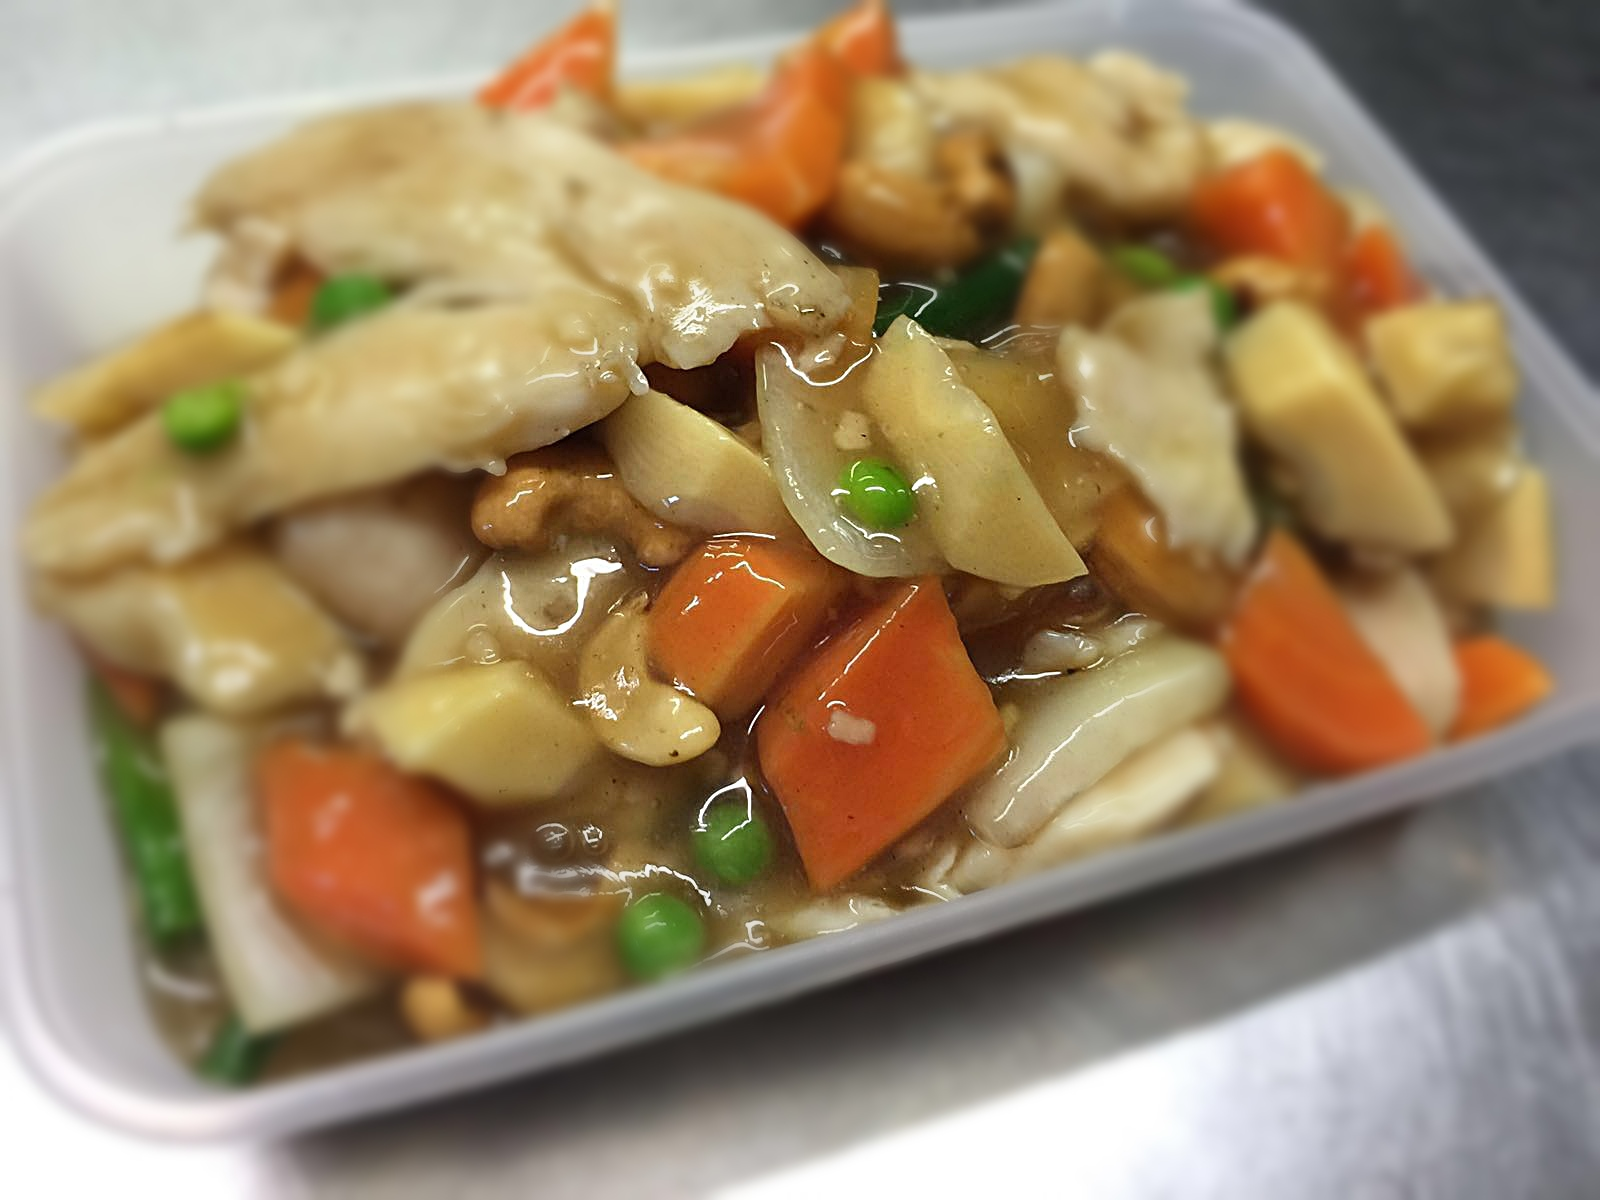 Chicken & Cashew Nuts